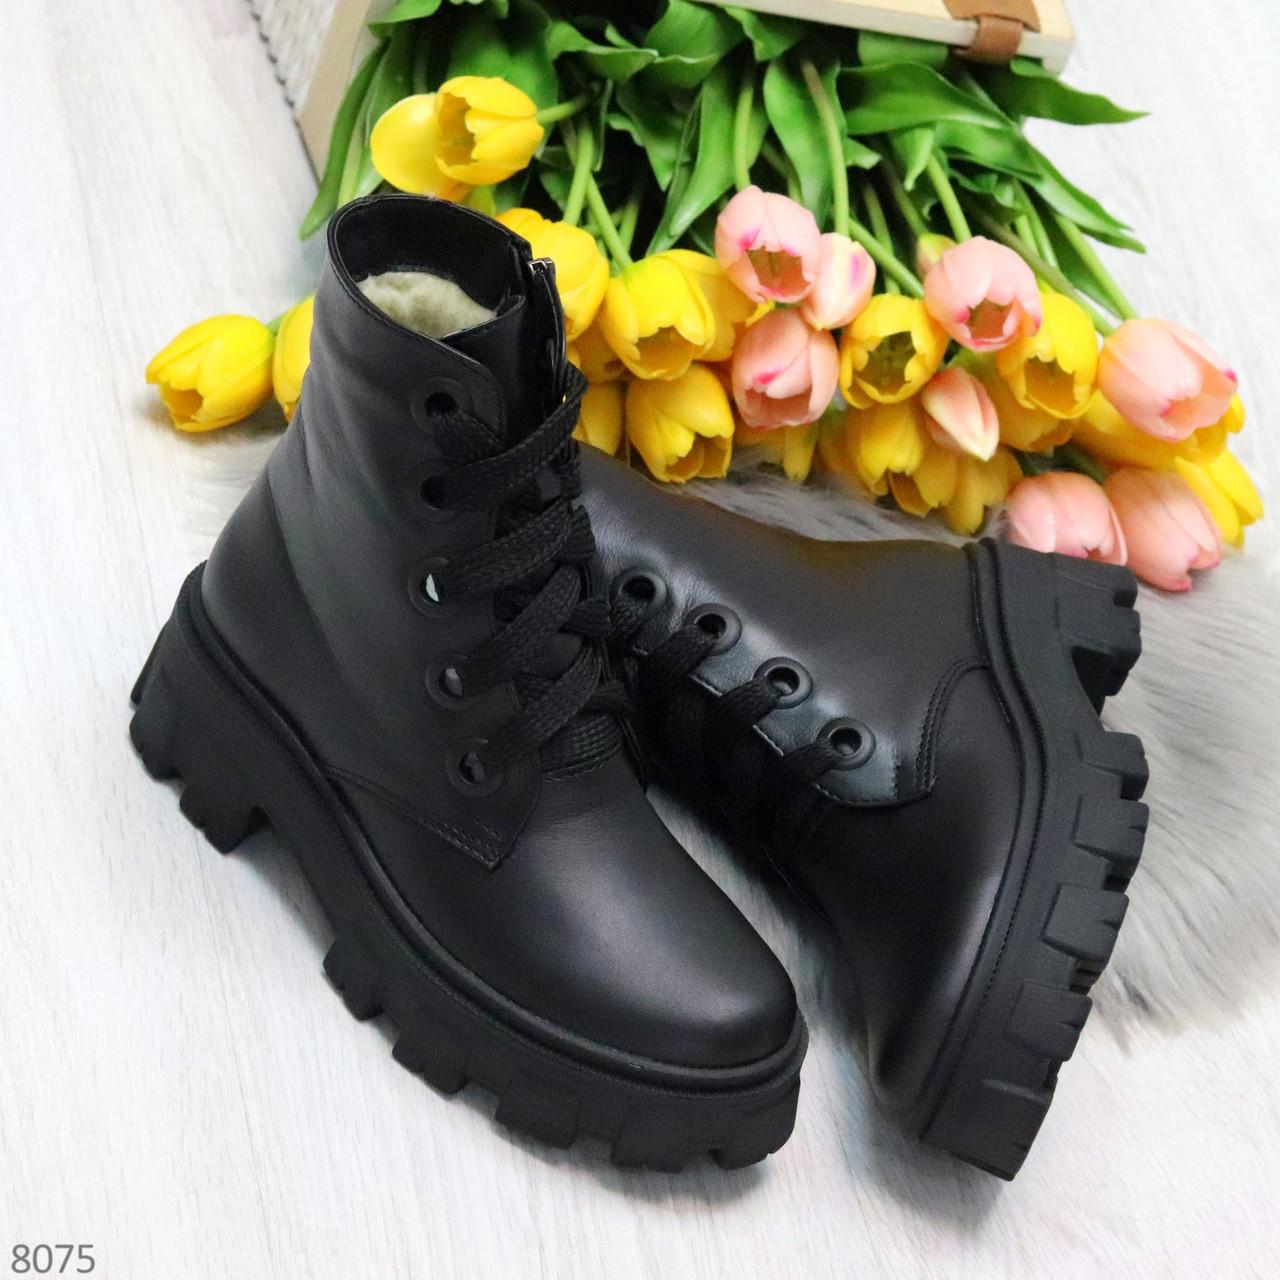 Ультра модные черные женские ботинки гриндерсы из натуральной кожи